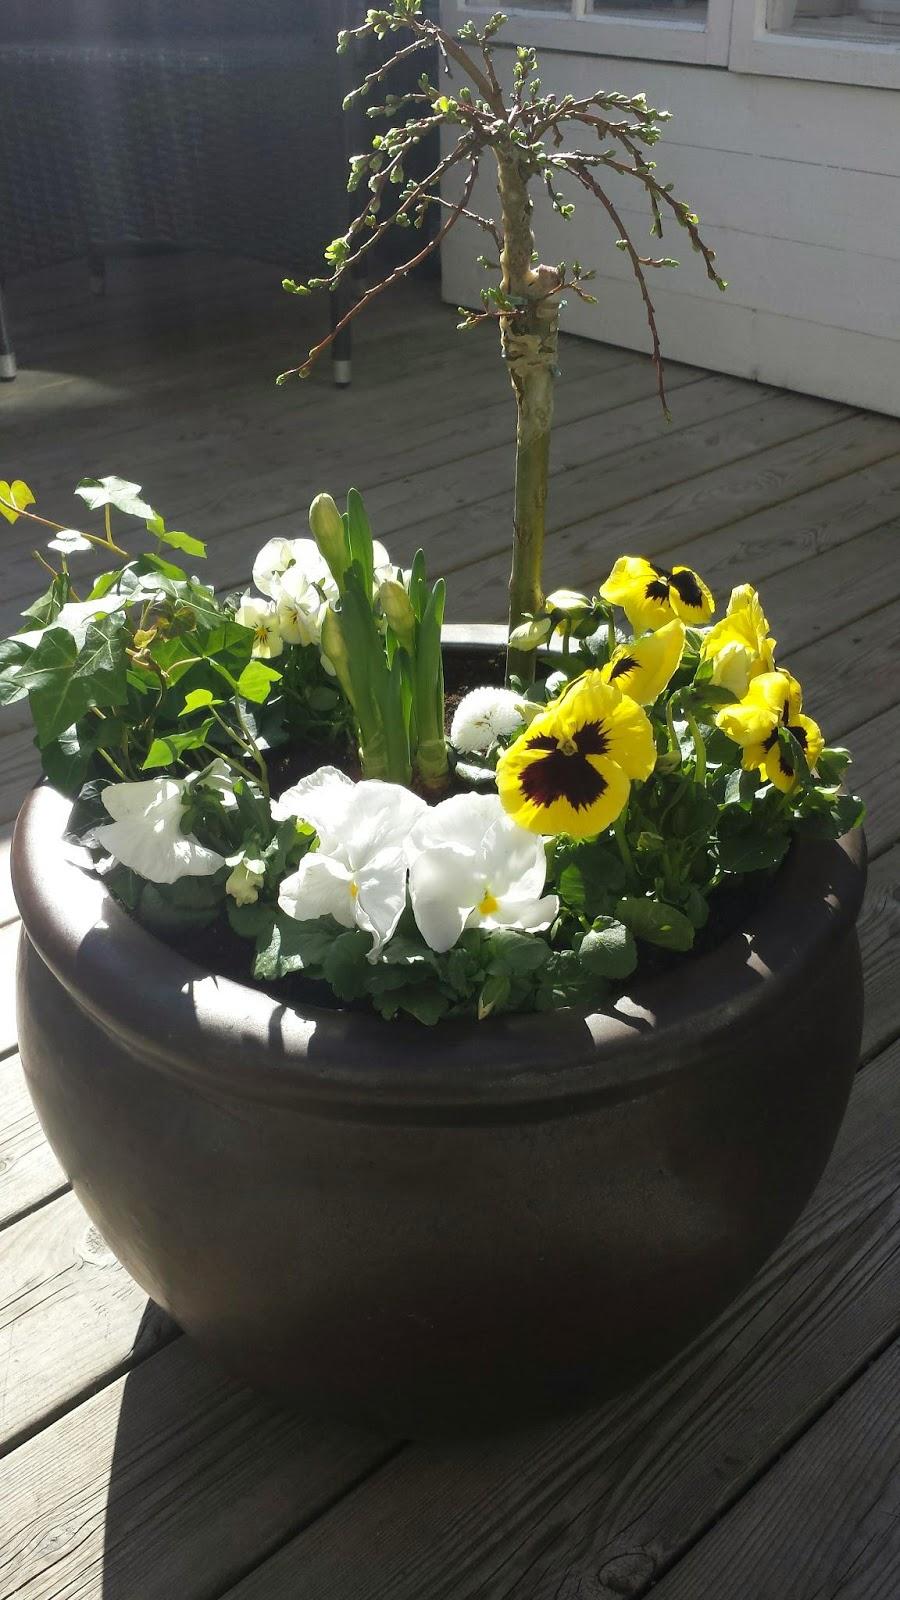 Dorinas blommor : vacker plantering med hängvide